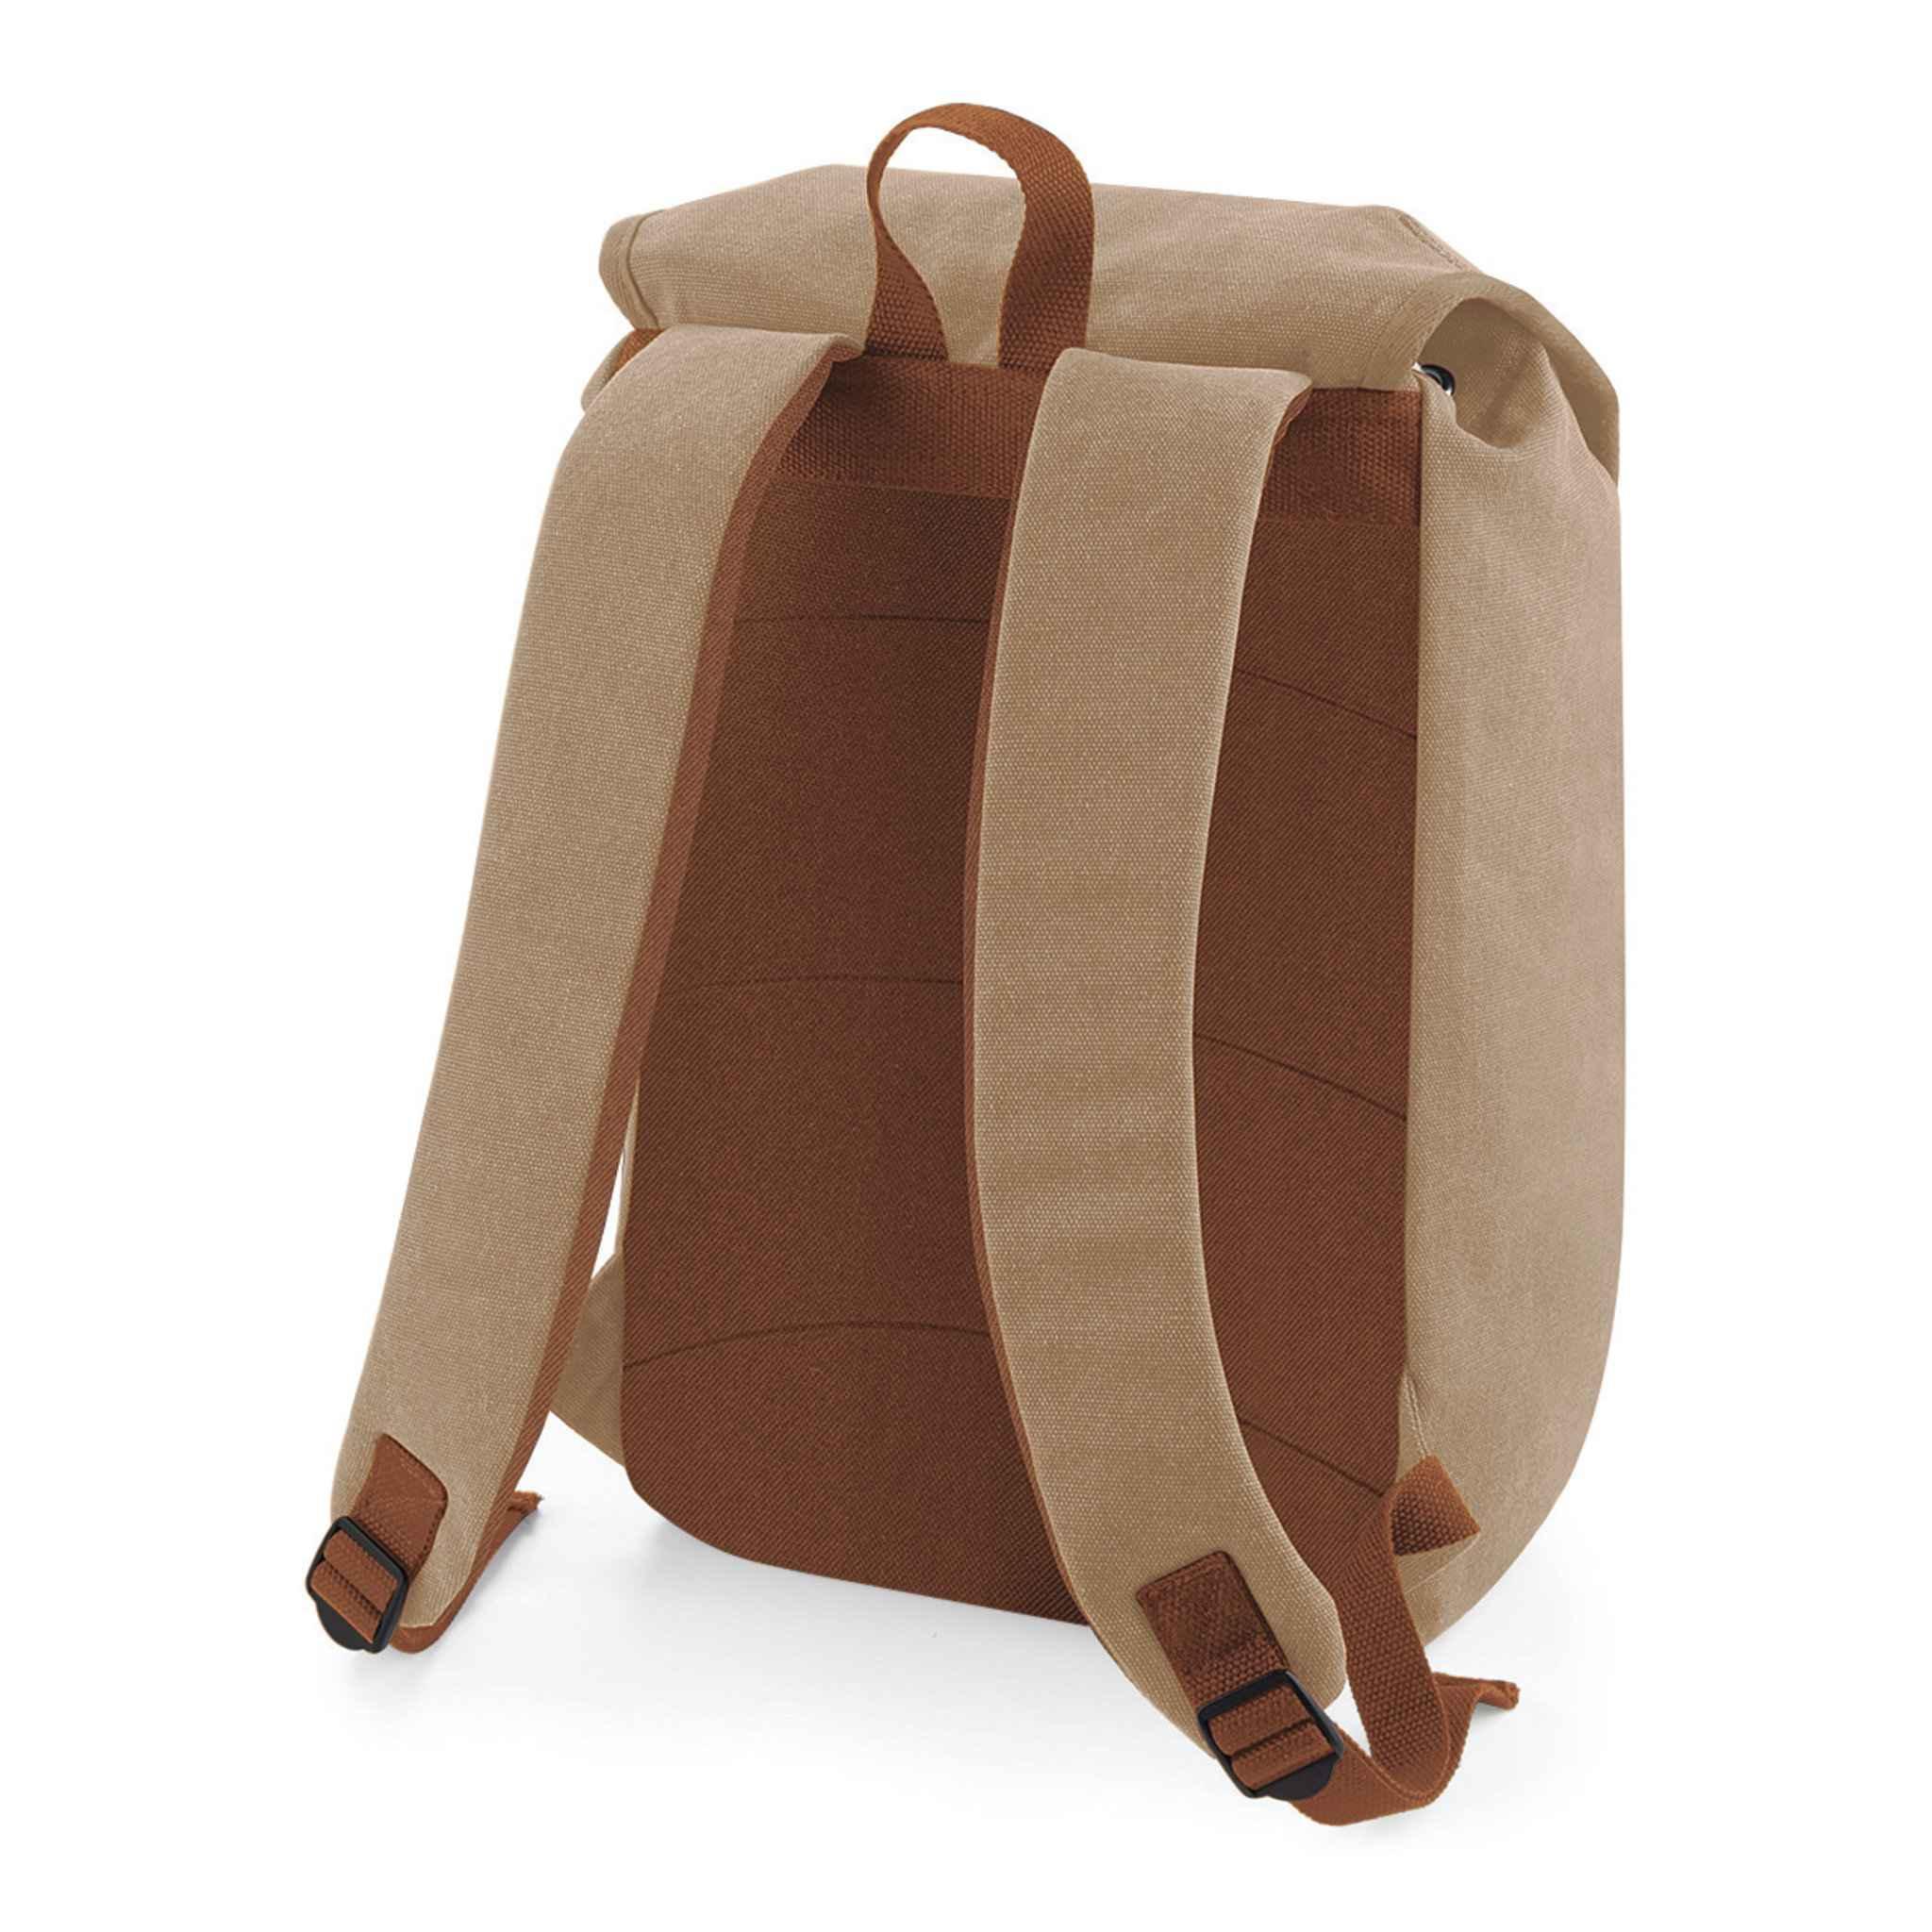 Sac à dos personnalisable Rucksack Vintage - sac à dos promotionnel